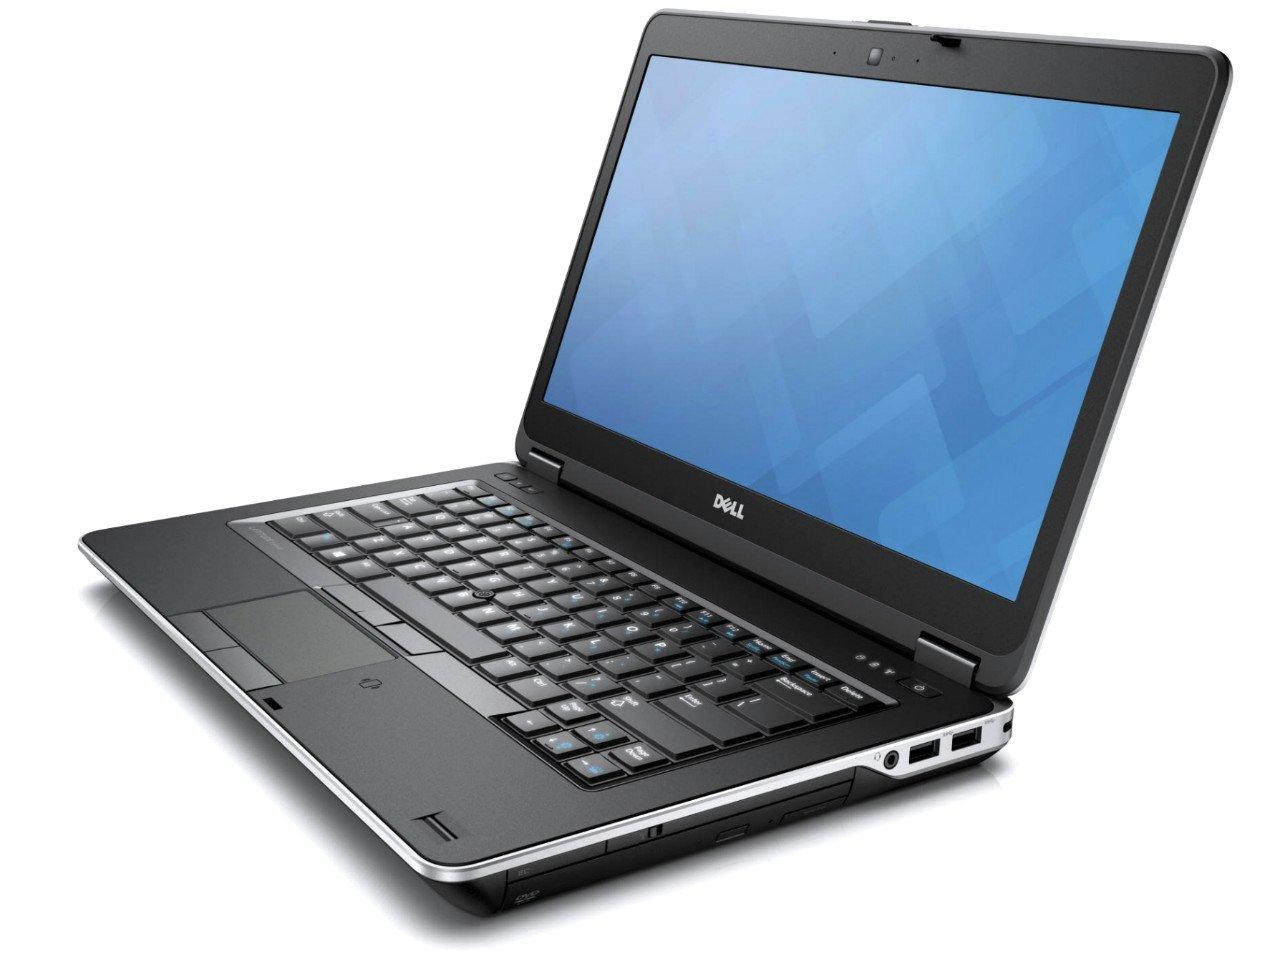 Dell Latitude 14 6000 E6440 I5 Astringo